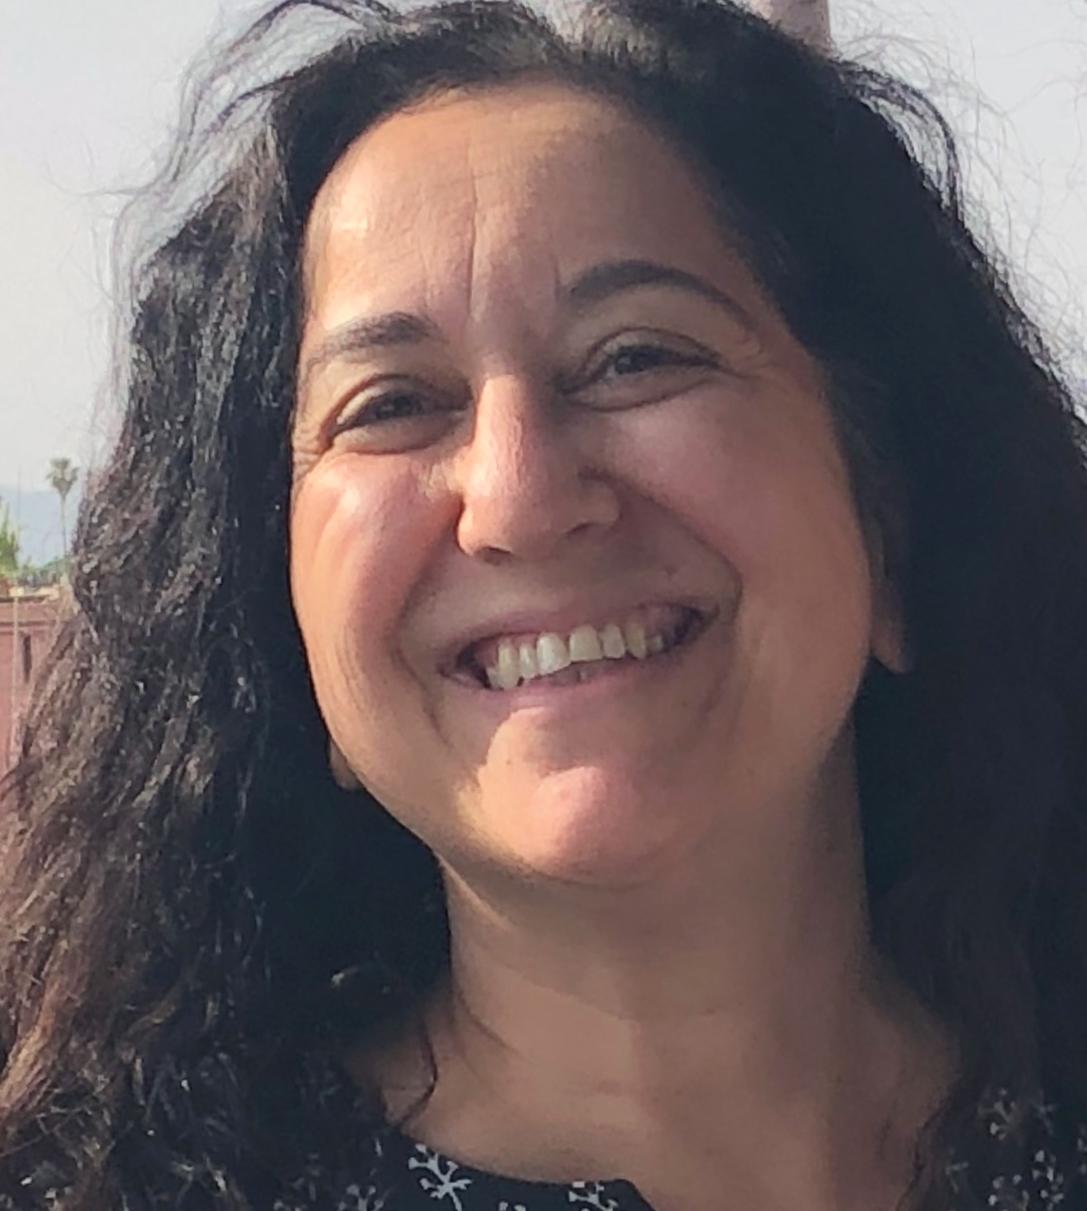 Azadeh Khalili